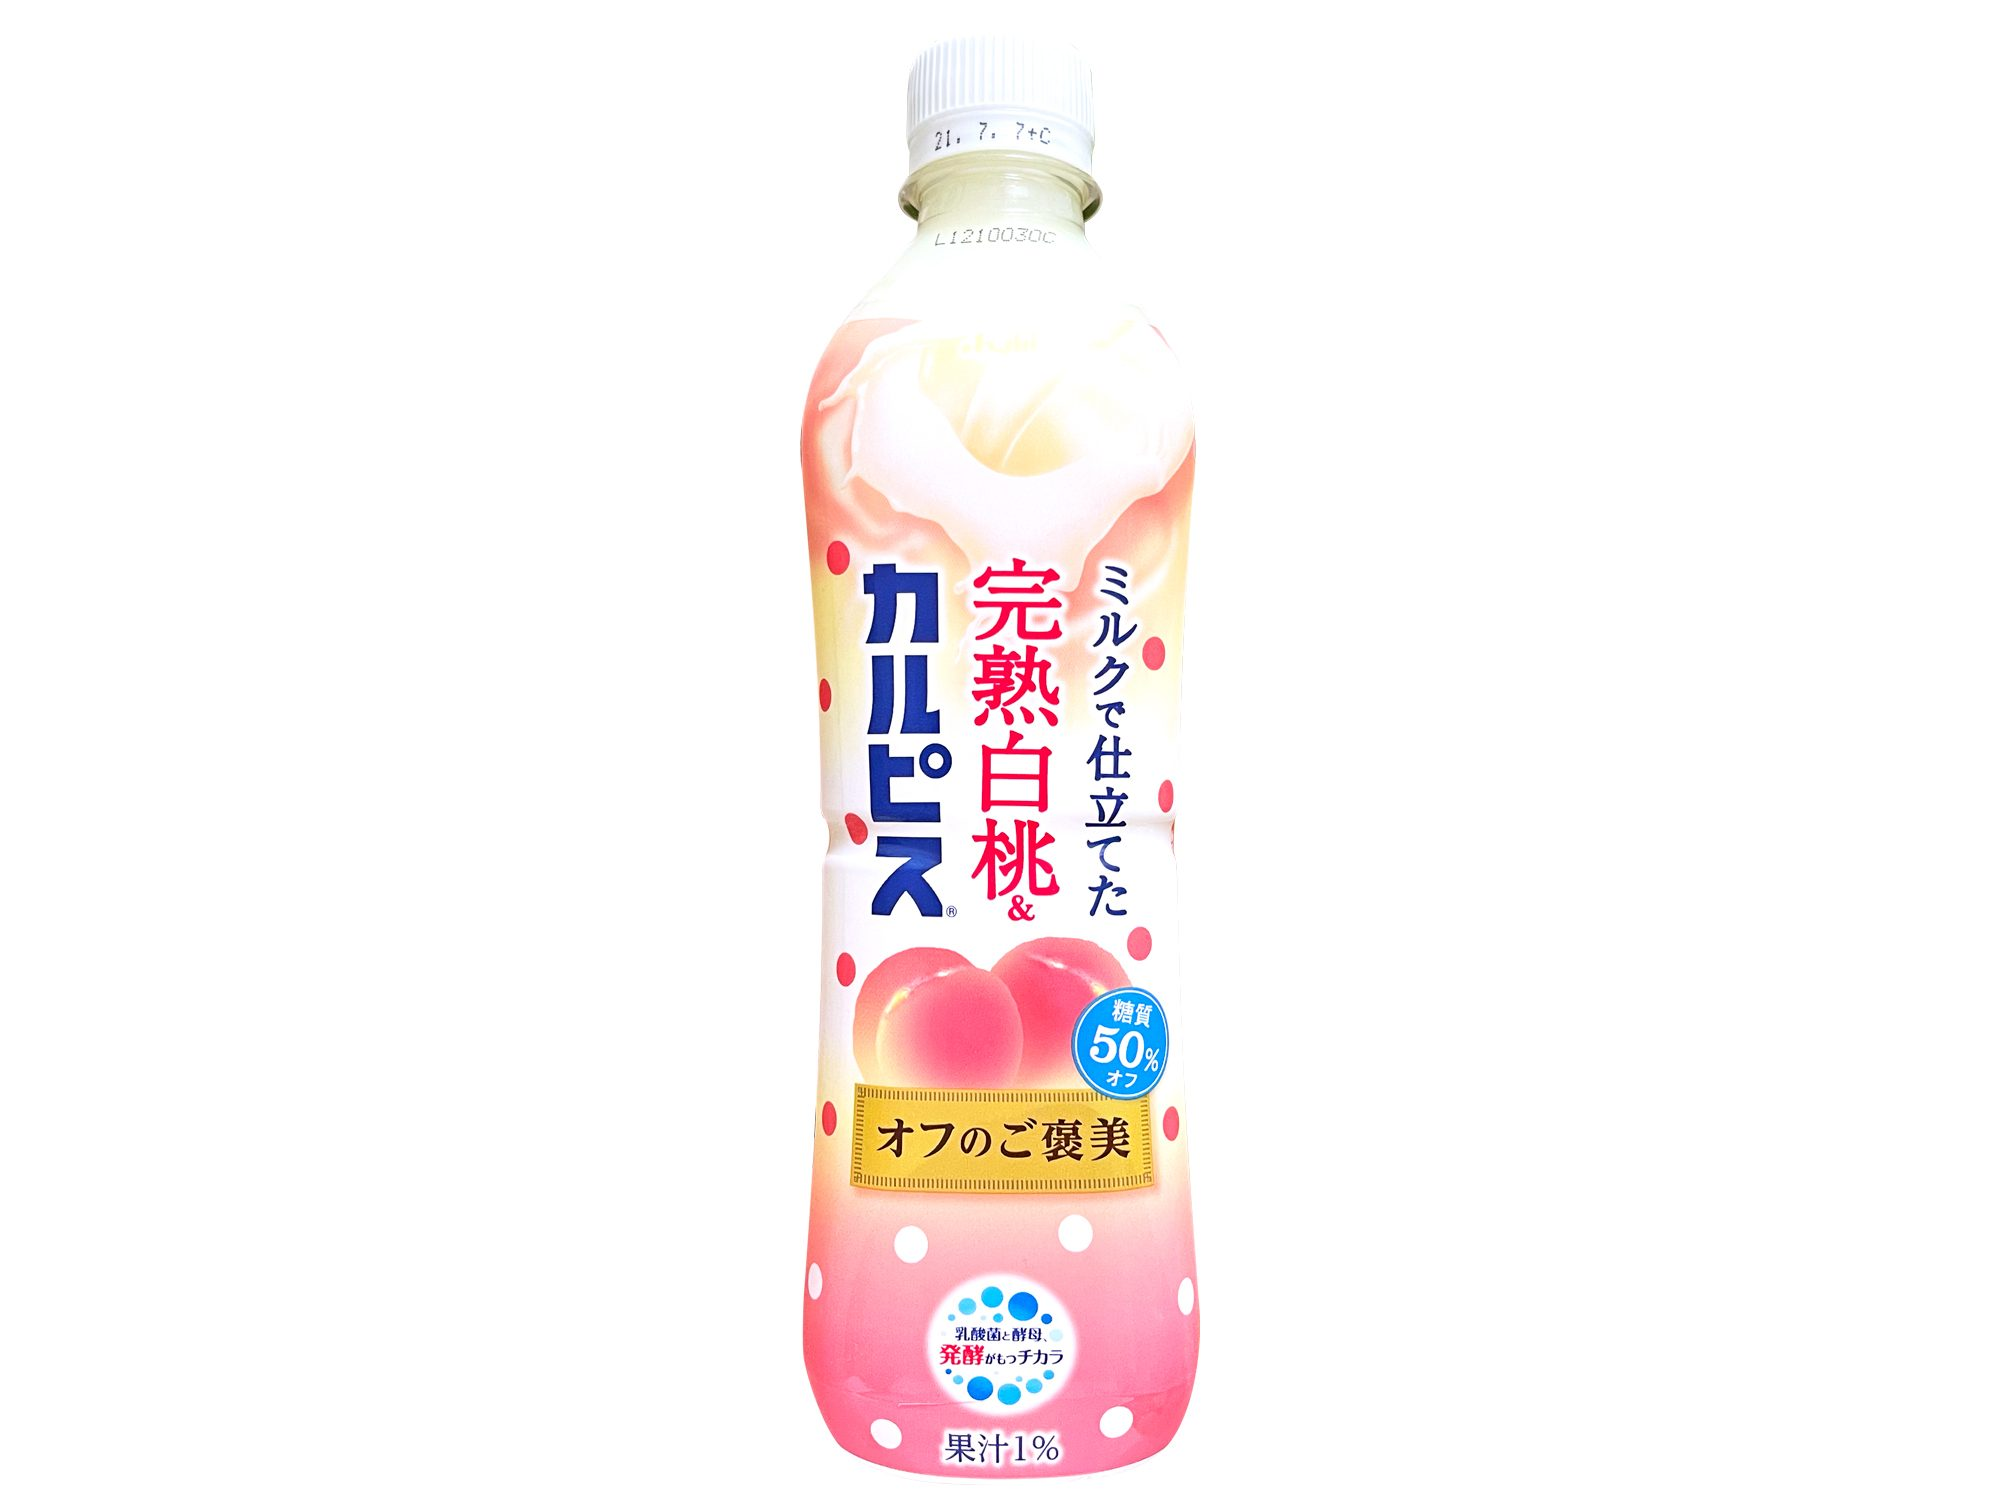 アサヒ飲料『完熟白桃&「カルピス」 オフのご褒美 PET500ml』はスッキリしながらもミルクのコクと白桃の香りが豊かな糖質オフカルピス!